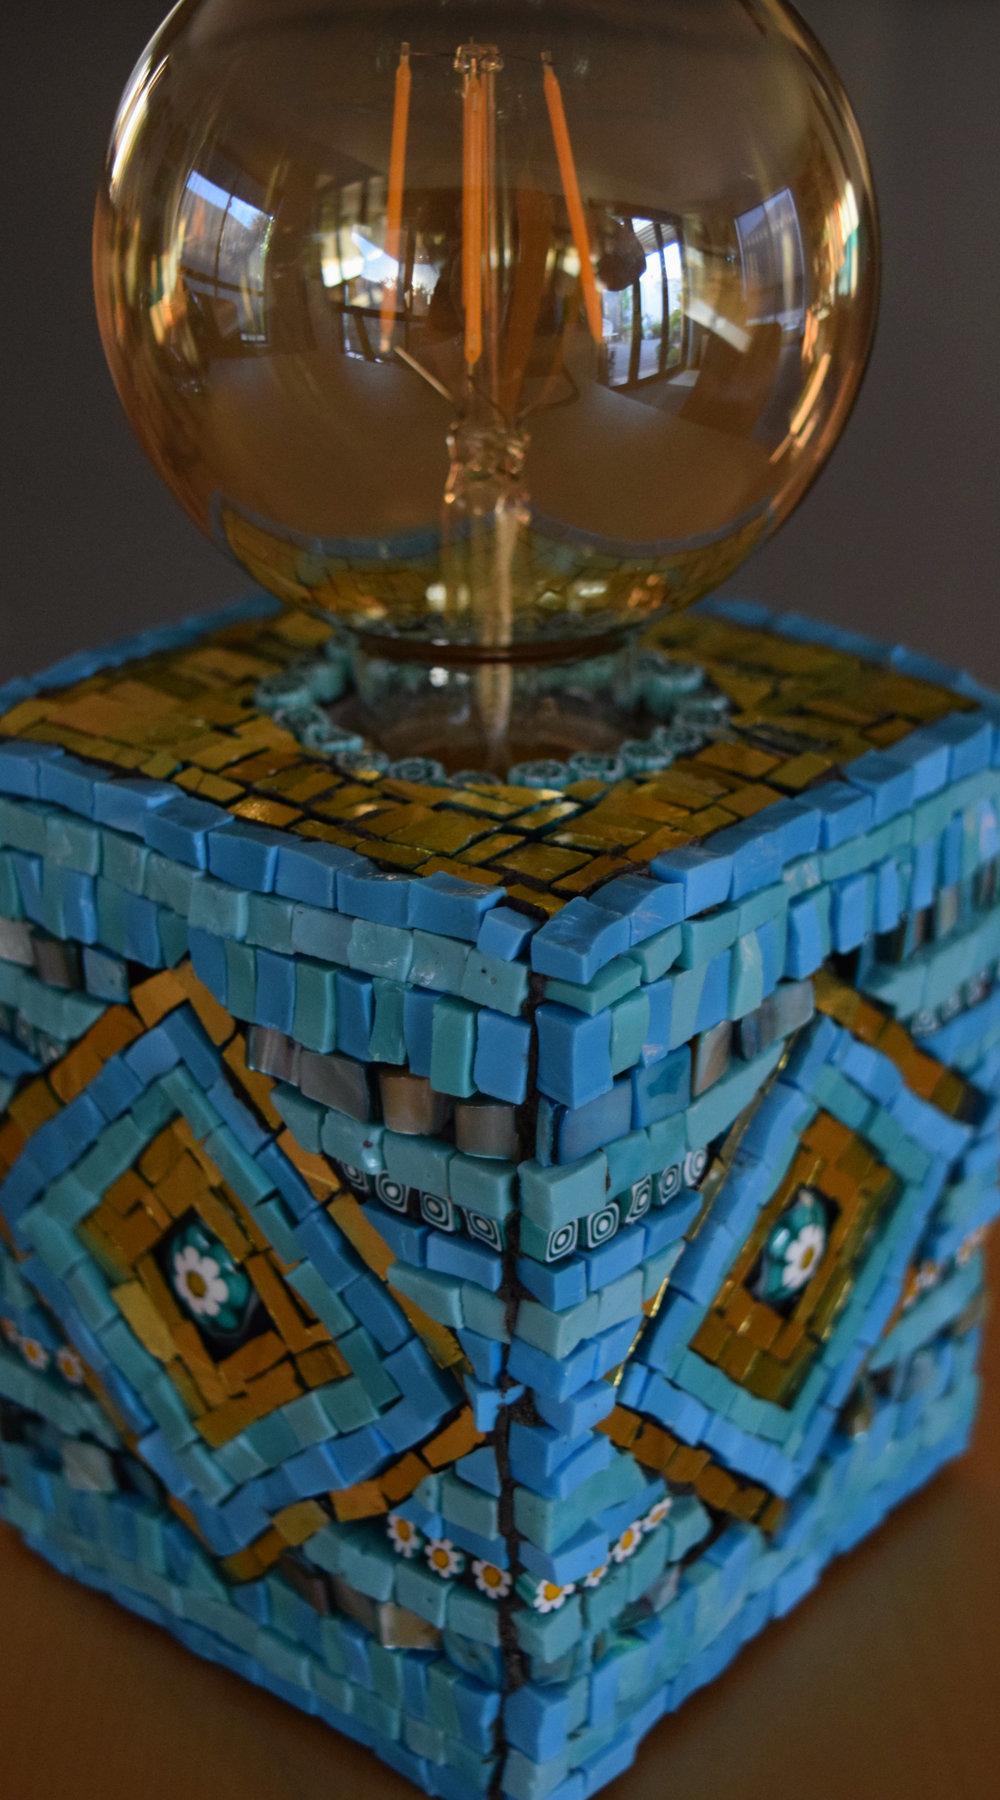 Smalti Light (Smalti, Gold Smalti, Millefiori, Glass Fusions, Shell)